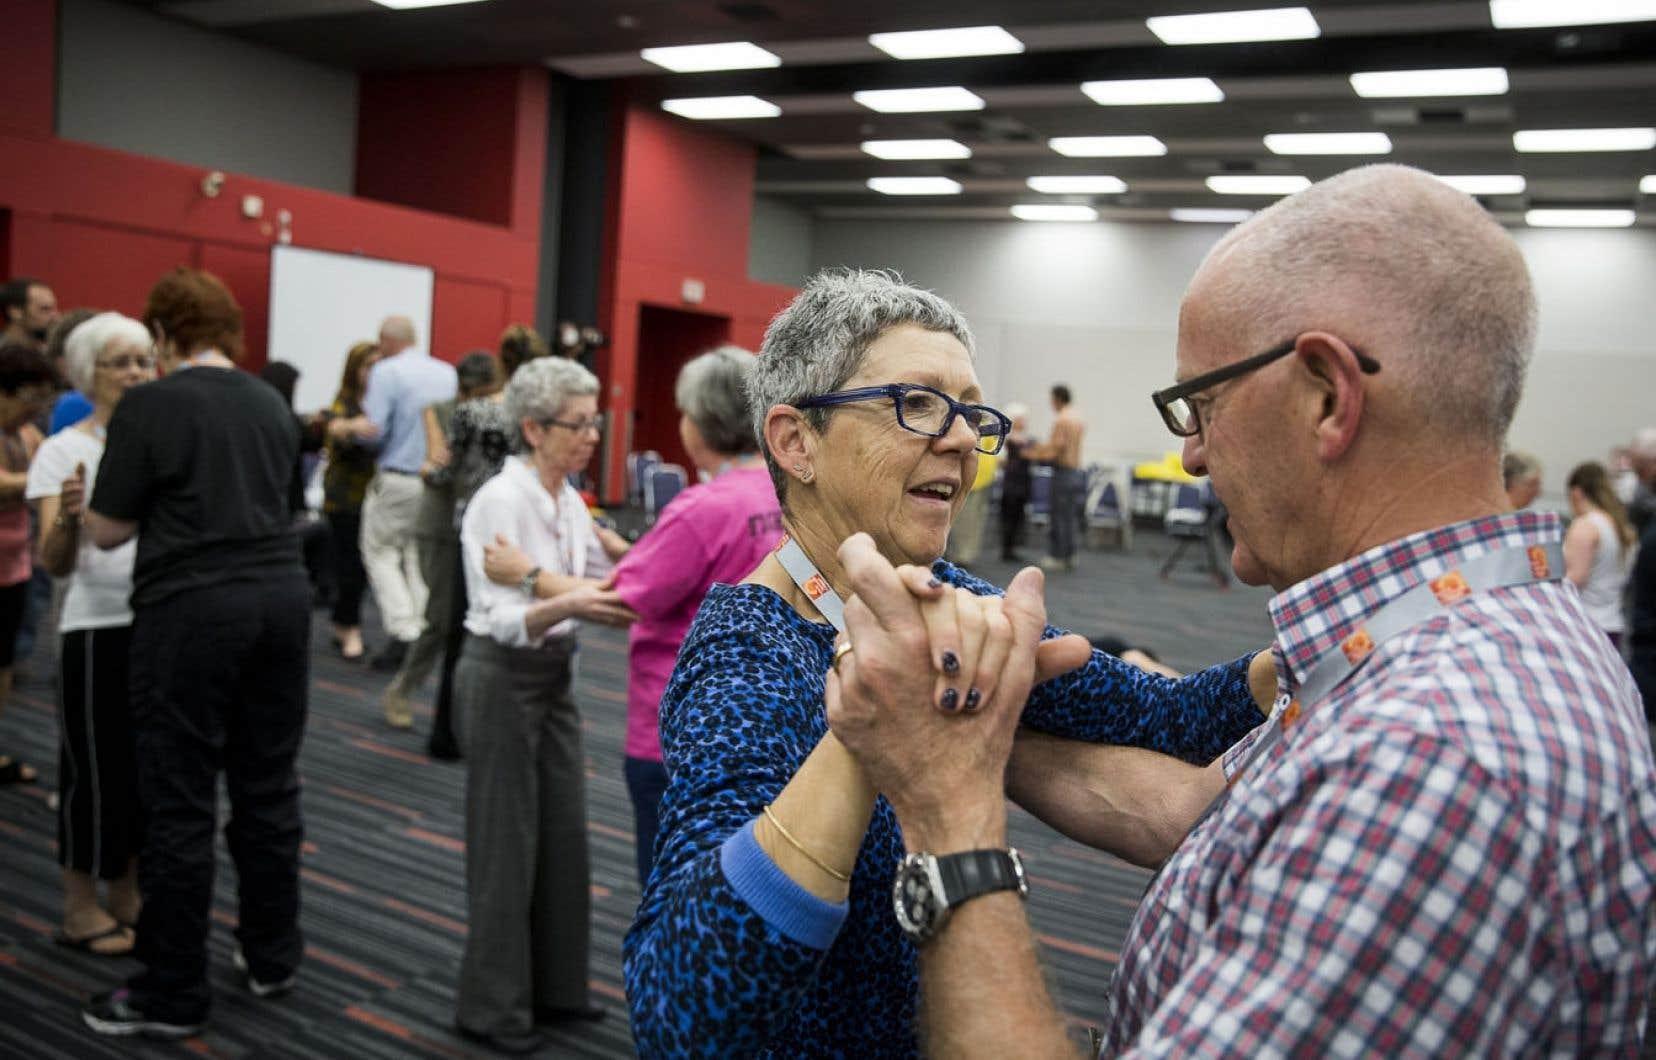 L'exercice pourrait retarder l'évolution du Parkinson. Ci-dessus, une classe de tango pour gens atteints de cette maladie, donnée dans le cadre du Symposium annuel du Parkinson Study Group.